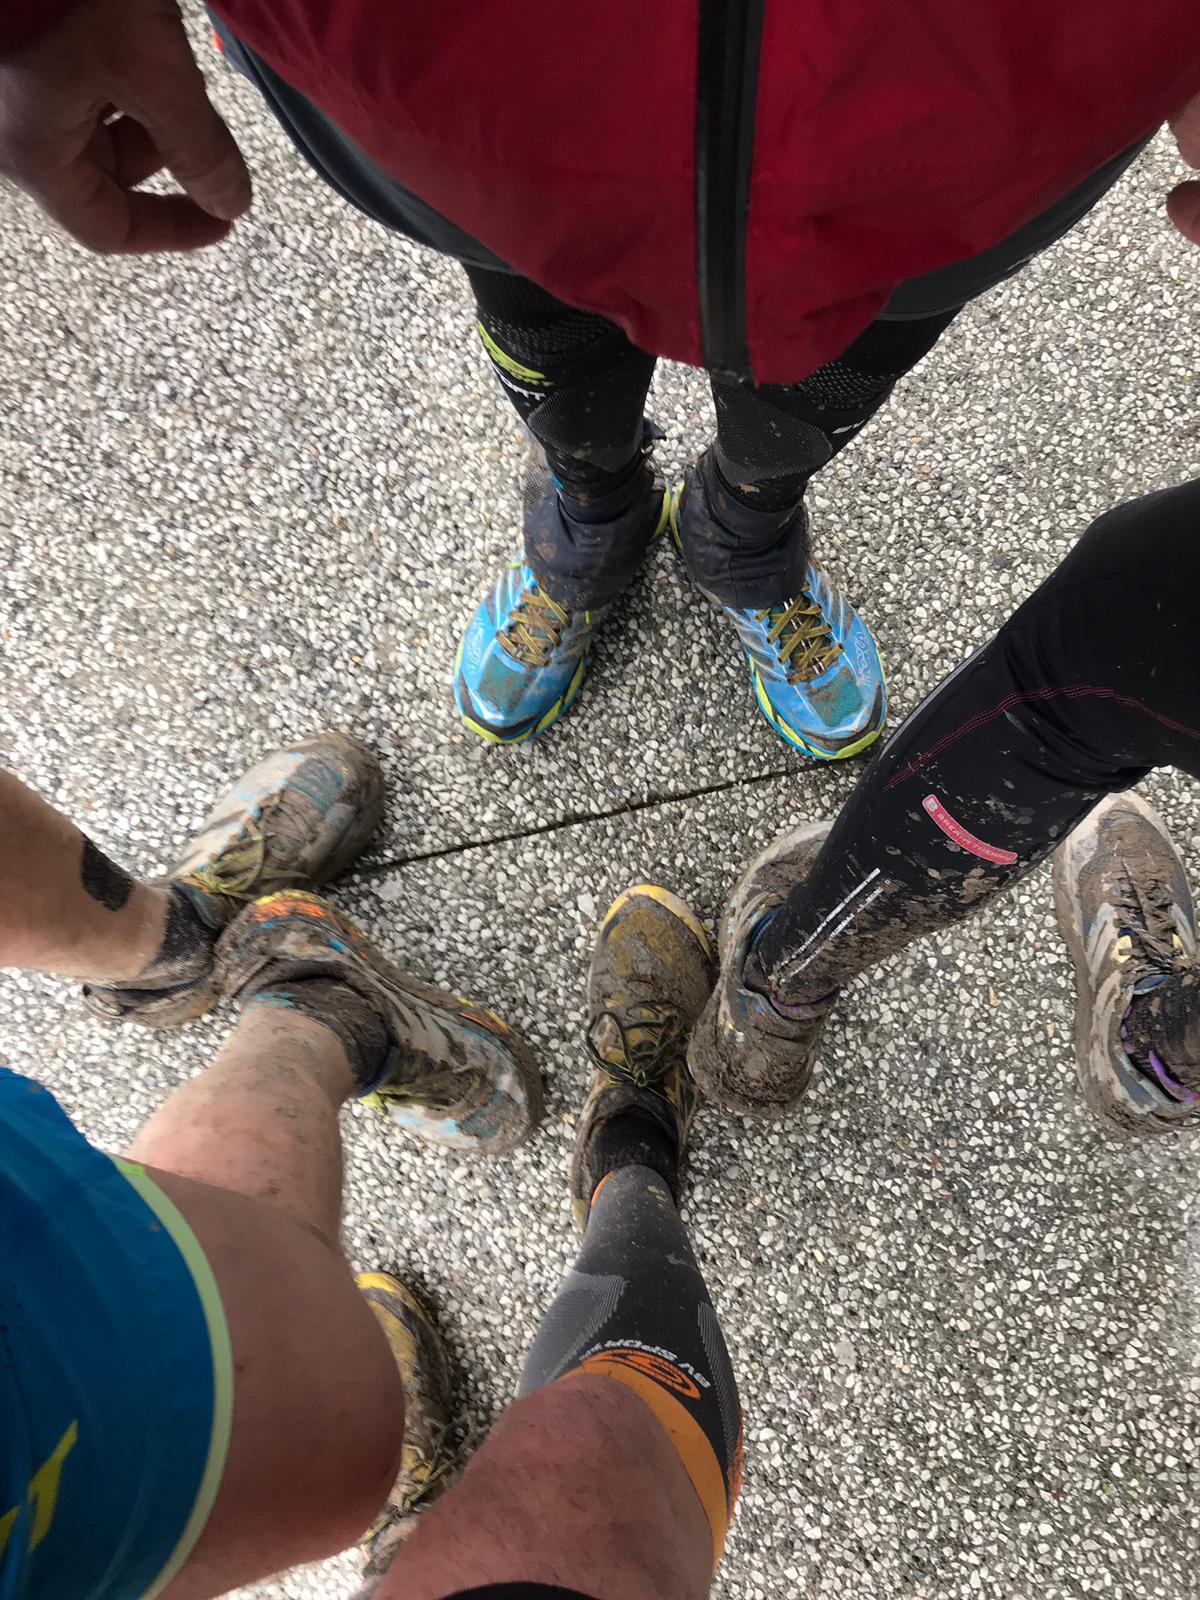 pieds tout sales que y a de la boue dessus